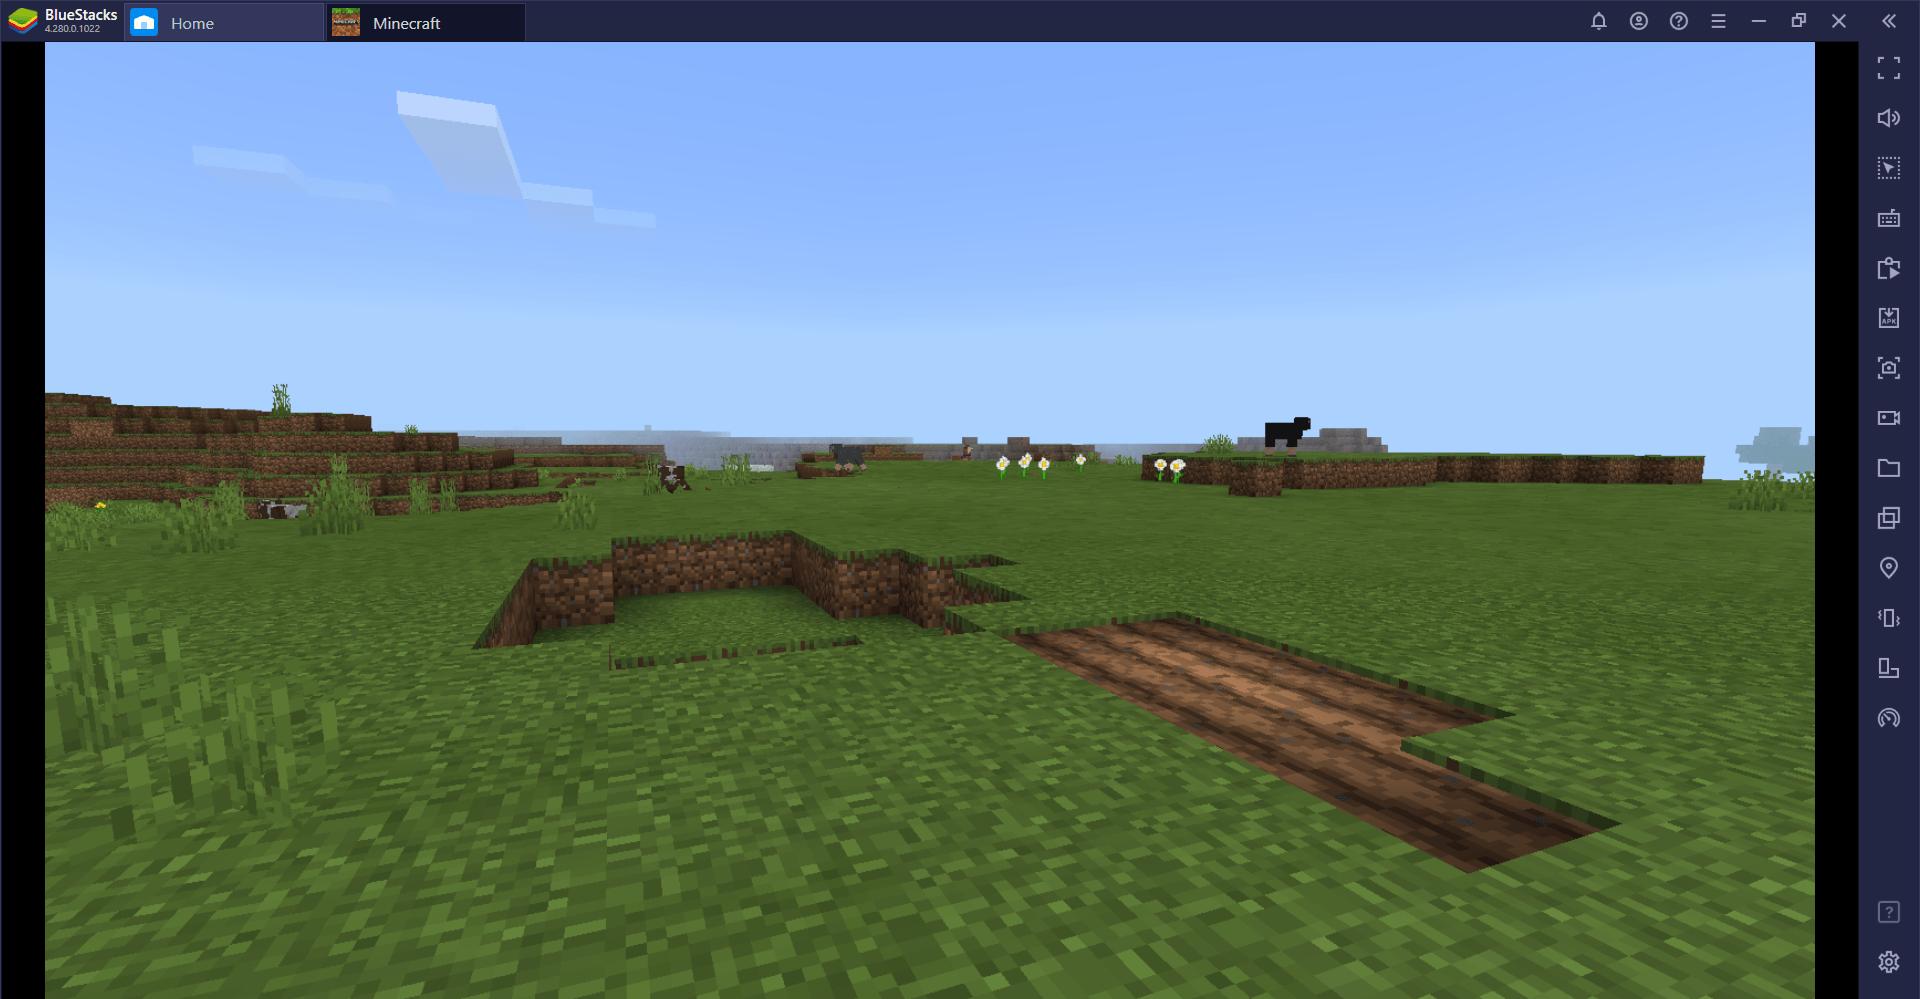 Comment jouer à Minecraft sur PC avec BlueStacks